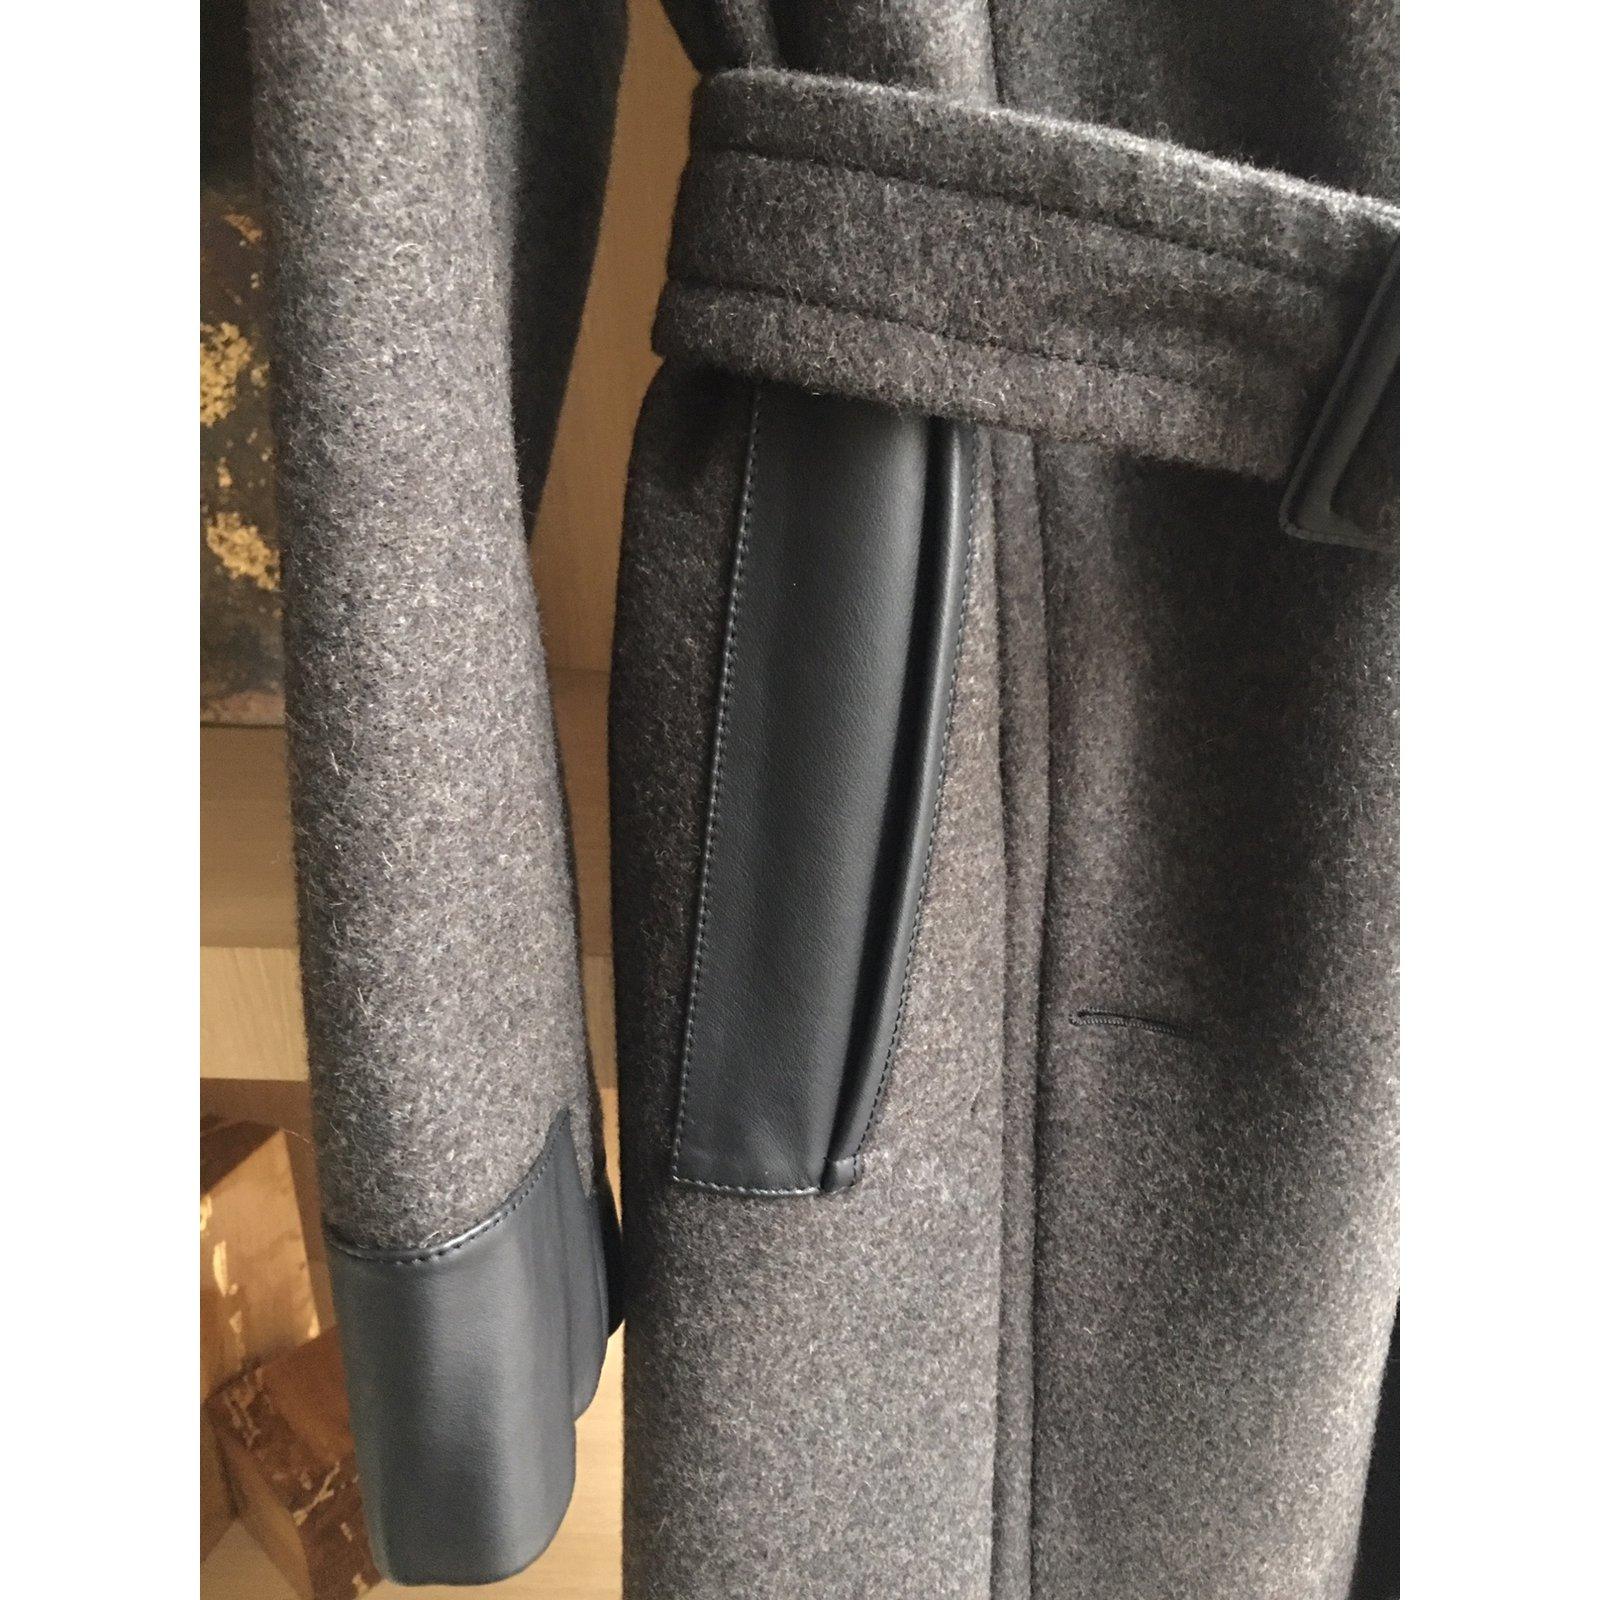 Manteaux homme Hermès Sublime manteau Hermès Couture laine